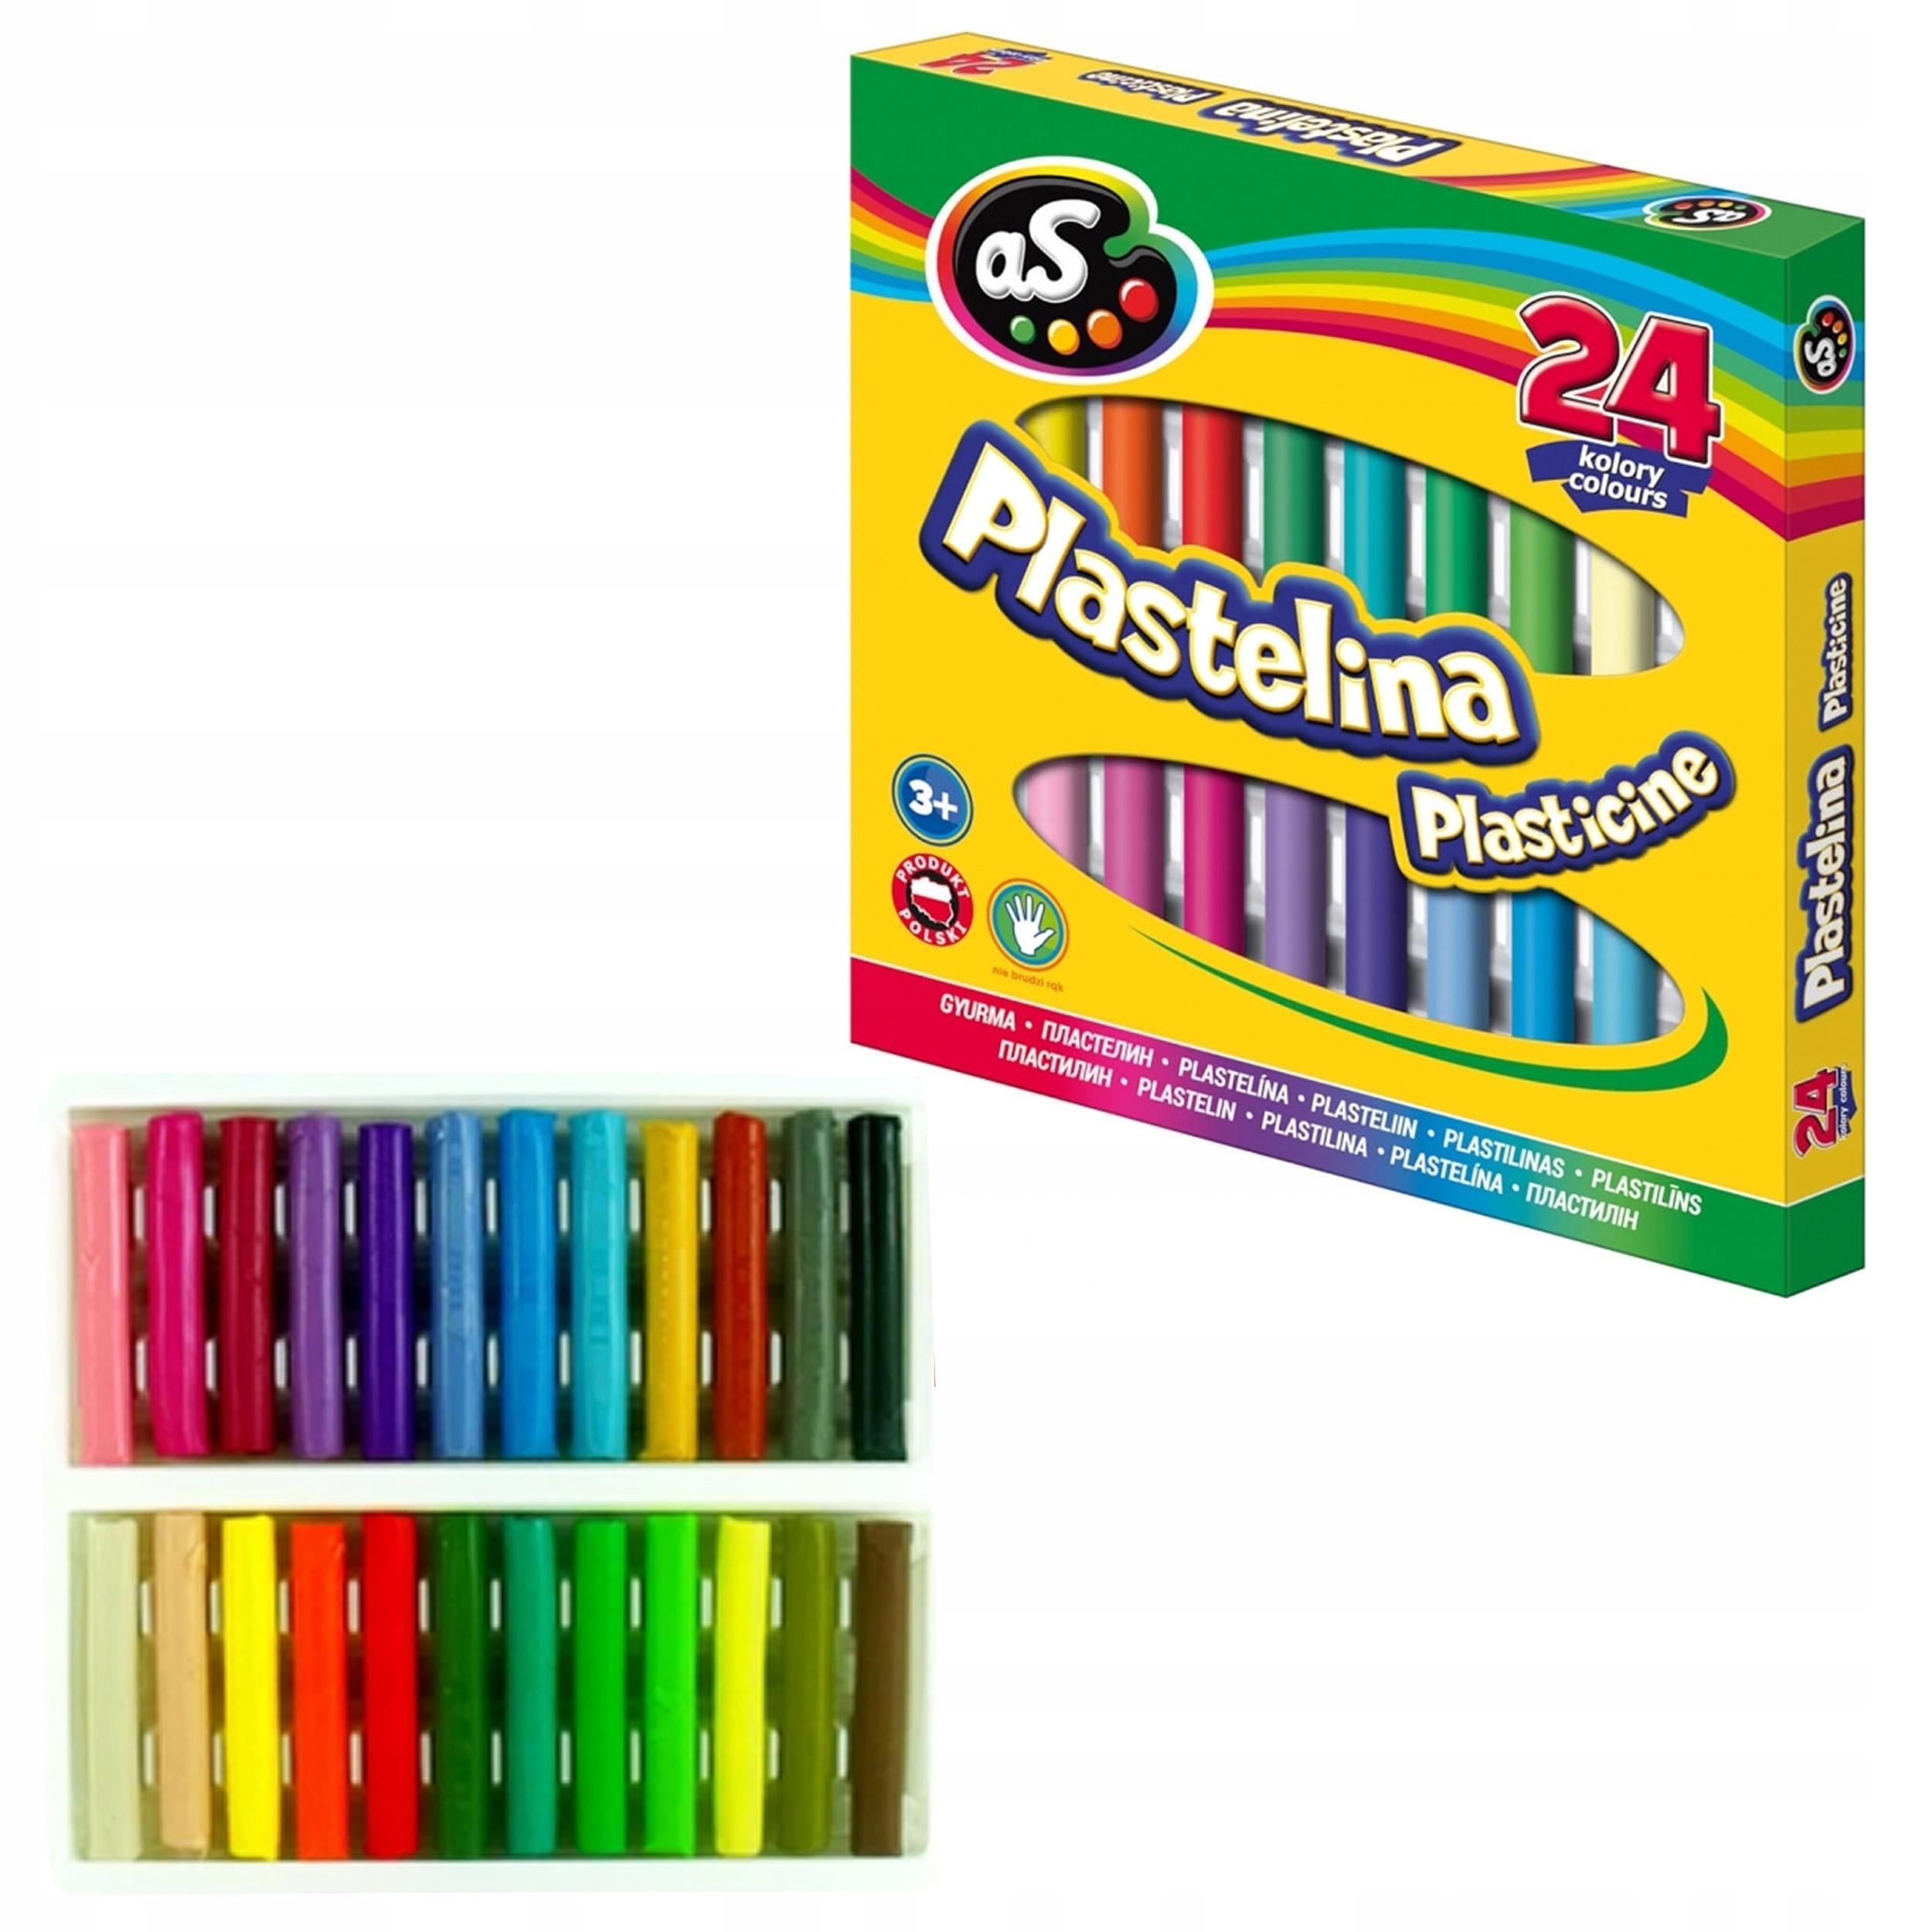 Plastelina Astra AS, 24 kolory (303219004)